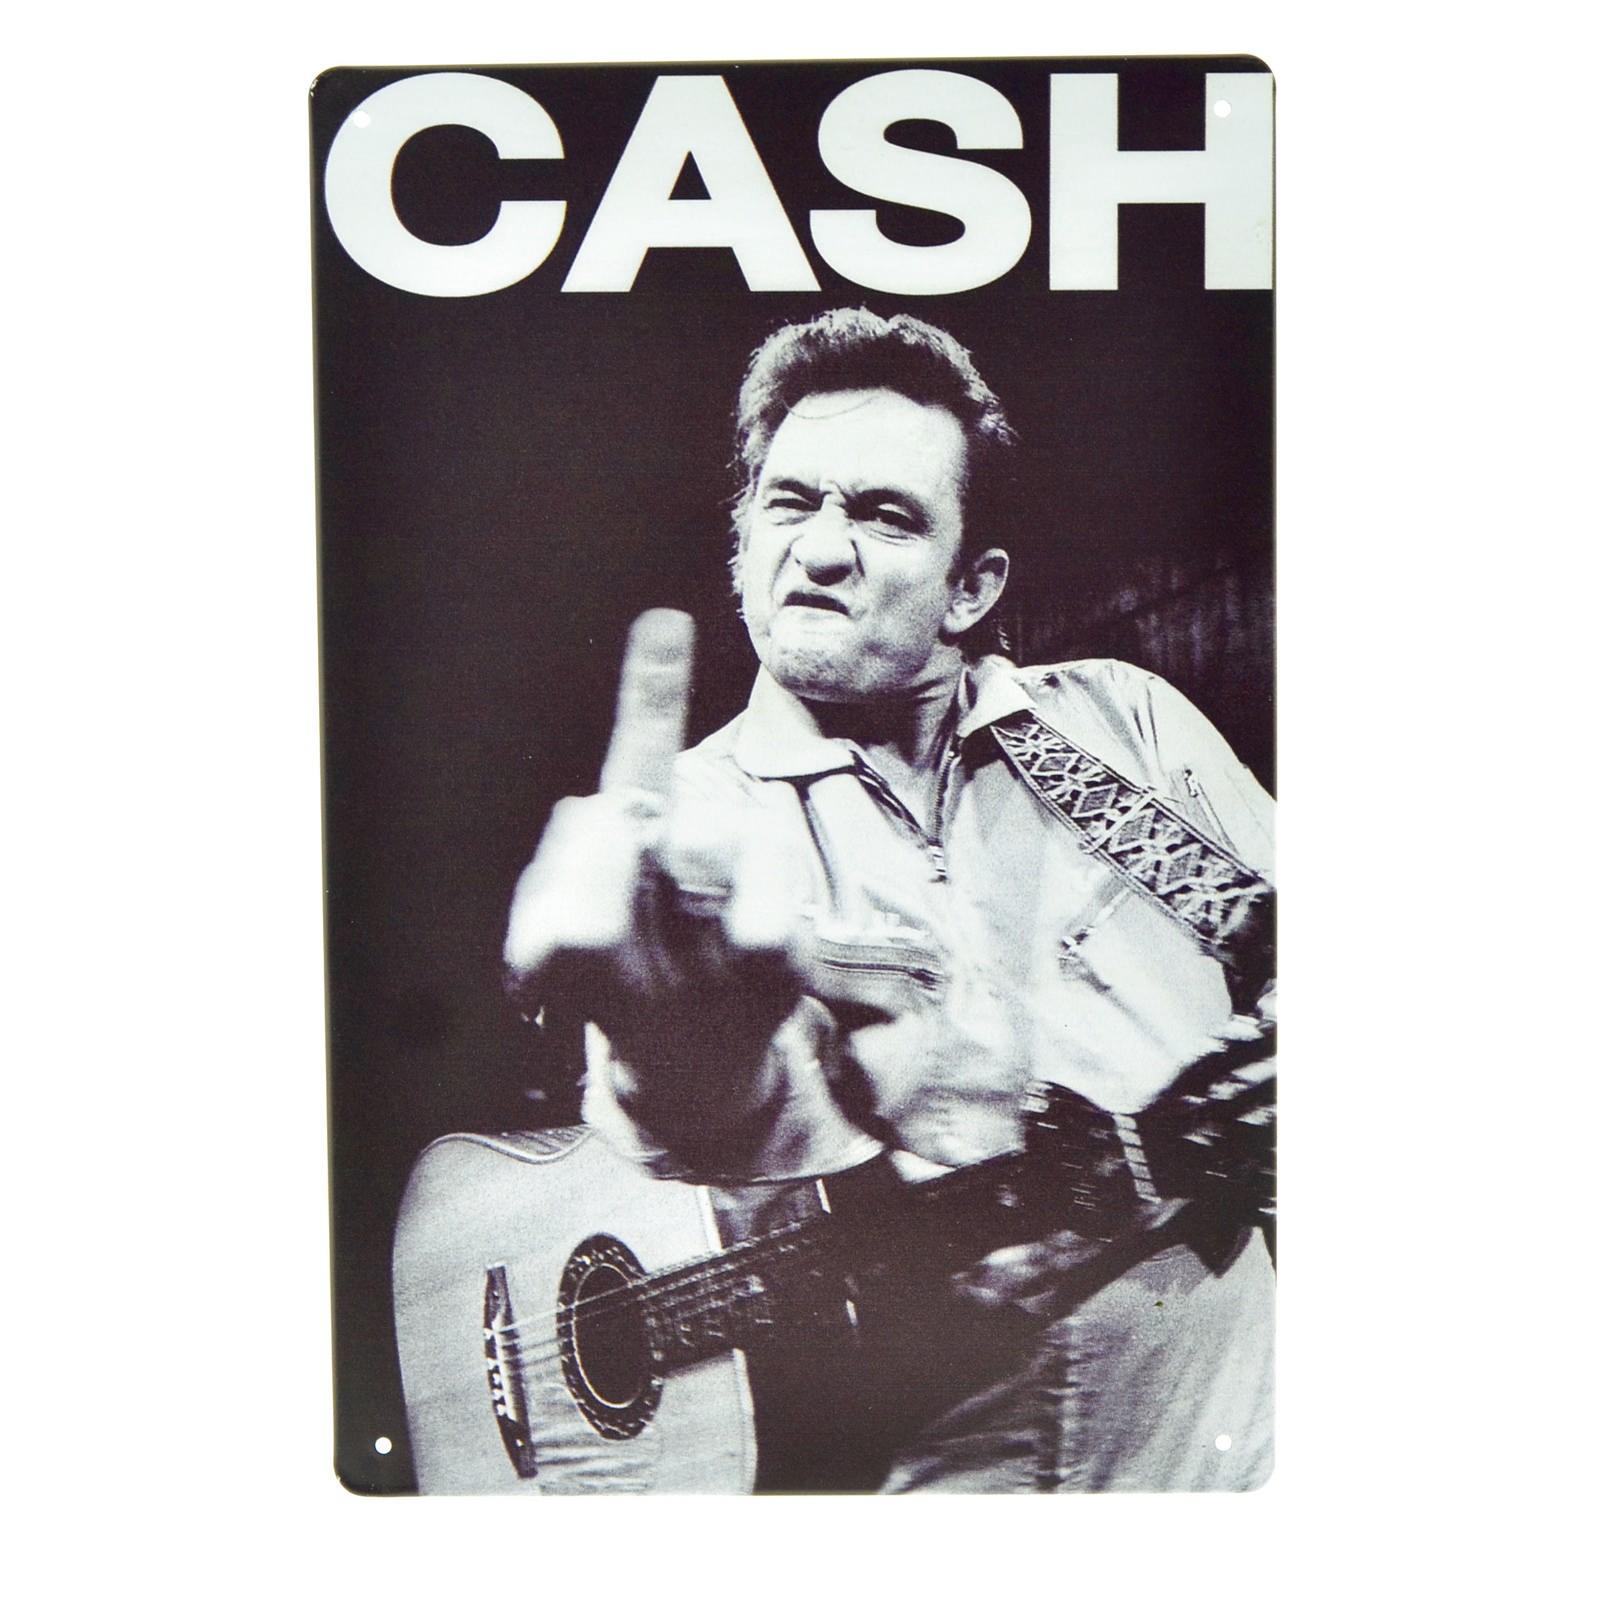 Cartel Metálico de Cash